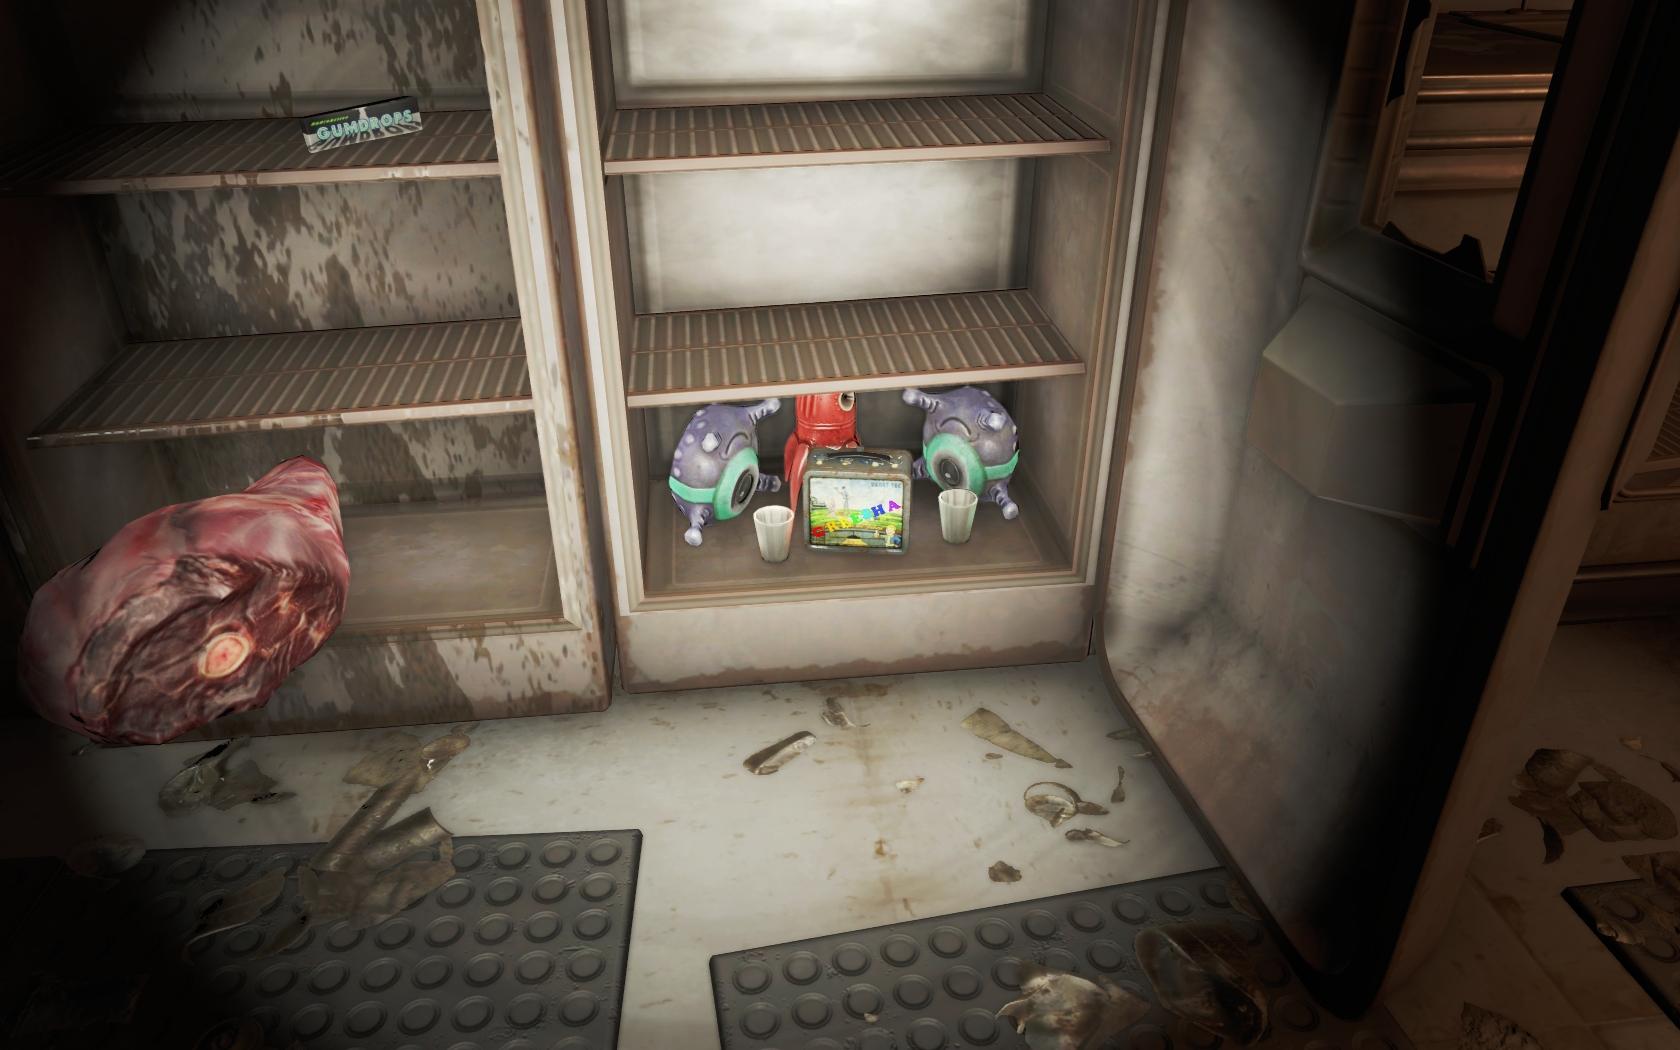 Инопланетяне гуляют (Бар Лента новостей) - Fallout 4 Бар, Бар Лента новостей, игрушечный инопланетянин, инопланетянин, Лента новостей, Юмор